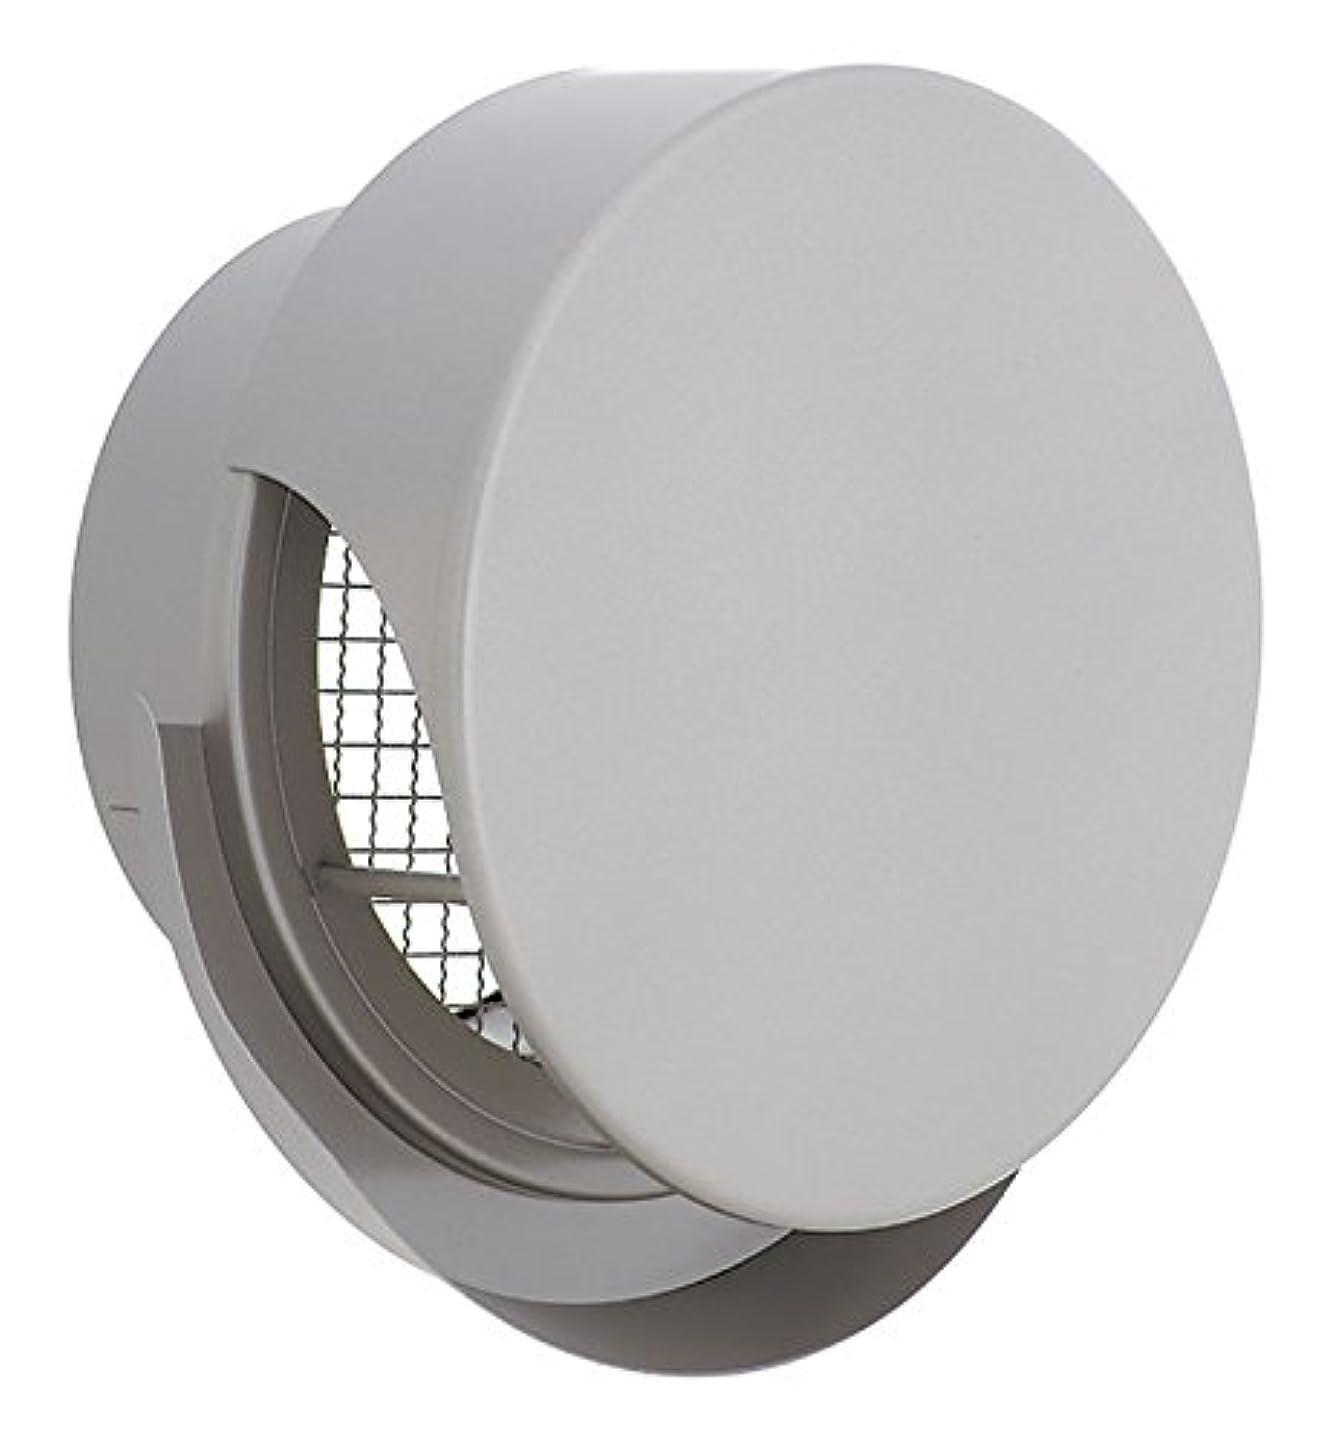 主婦怠オプショナルユニックス 屋外用製品 ステンレス製 グリル 外風対策 BSW150SR3M 丸型フラットカバー付 メッシュ